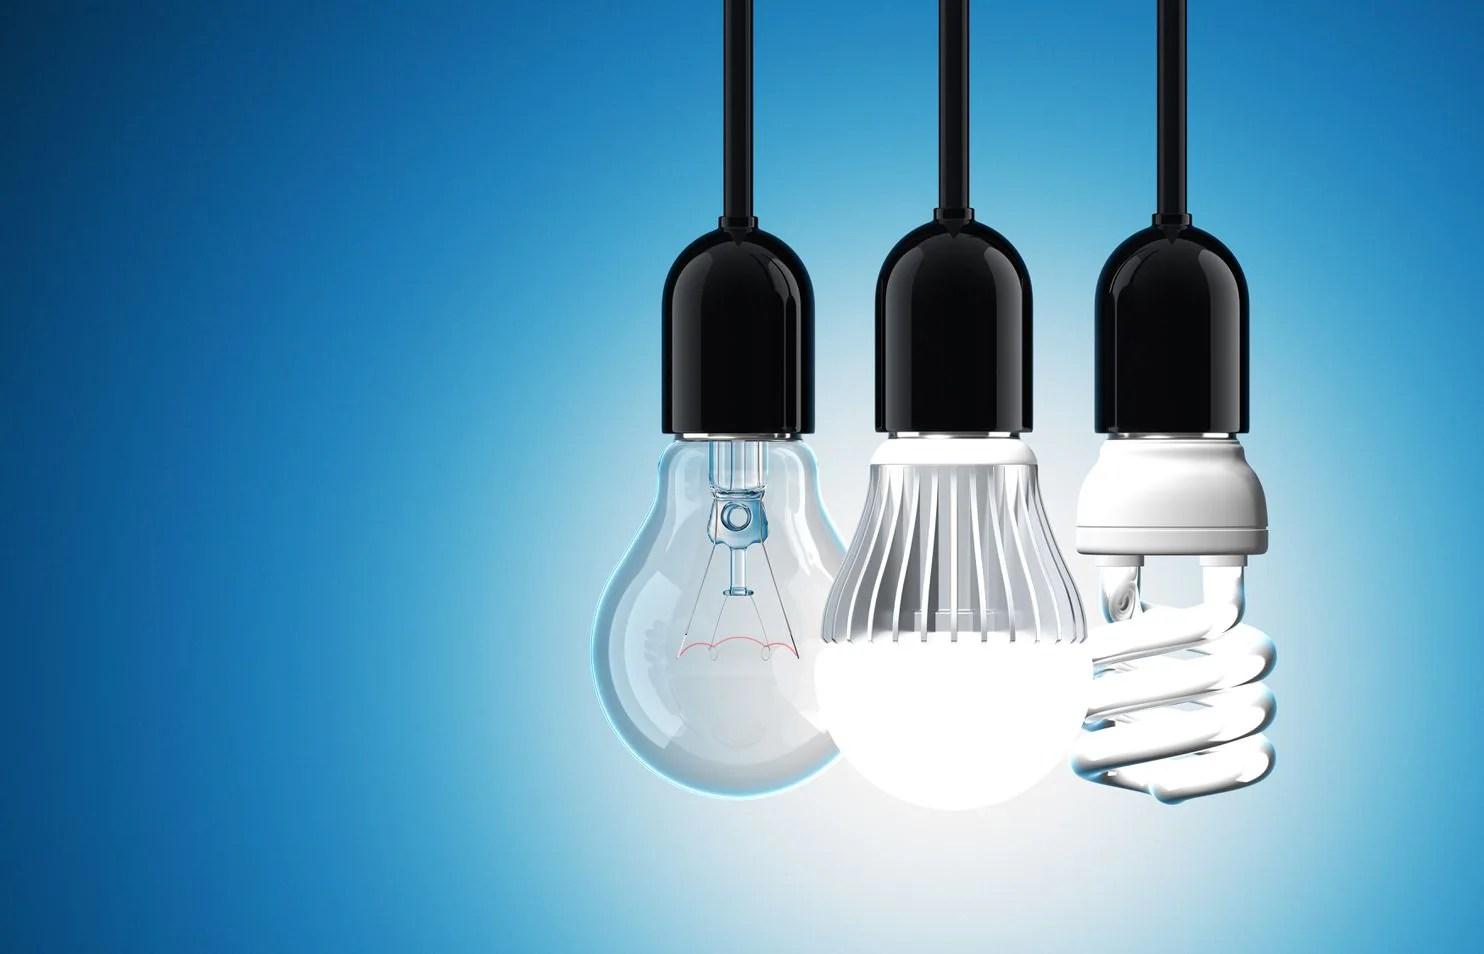 Tubular Led Light Bulbs